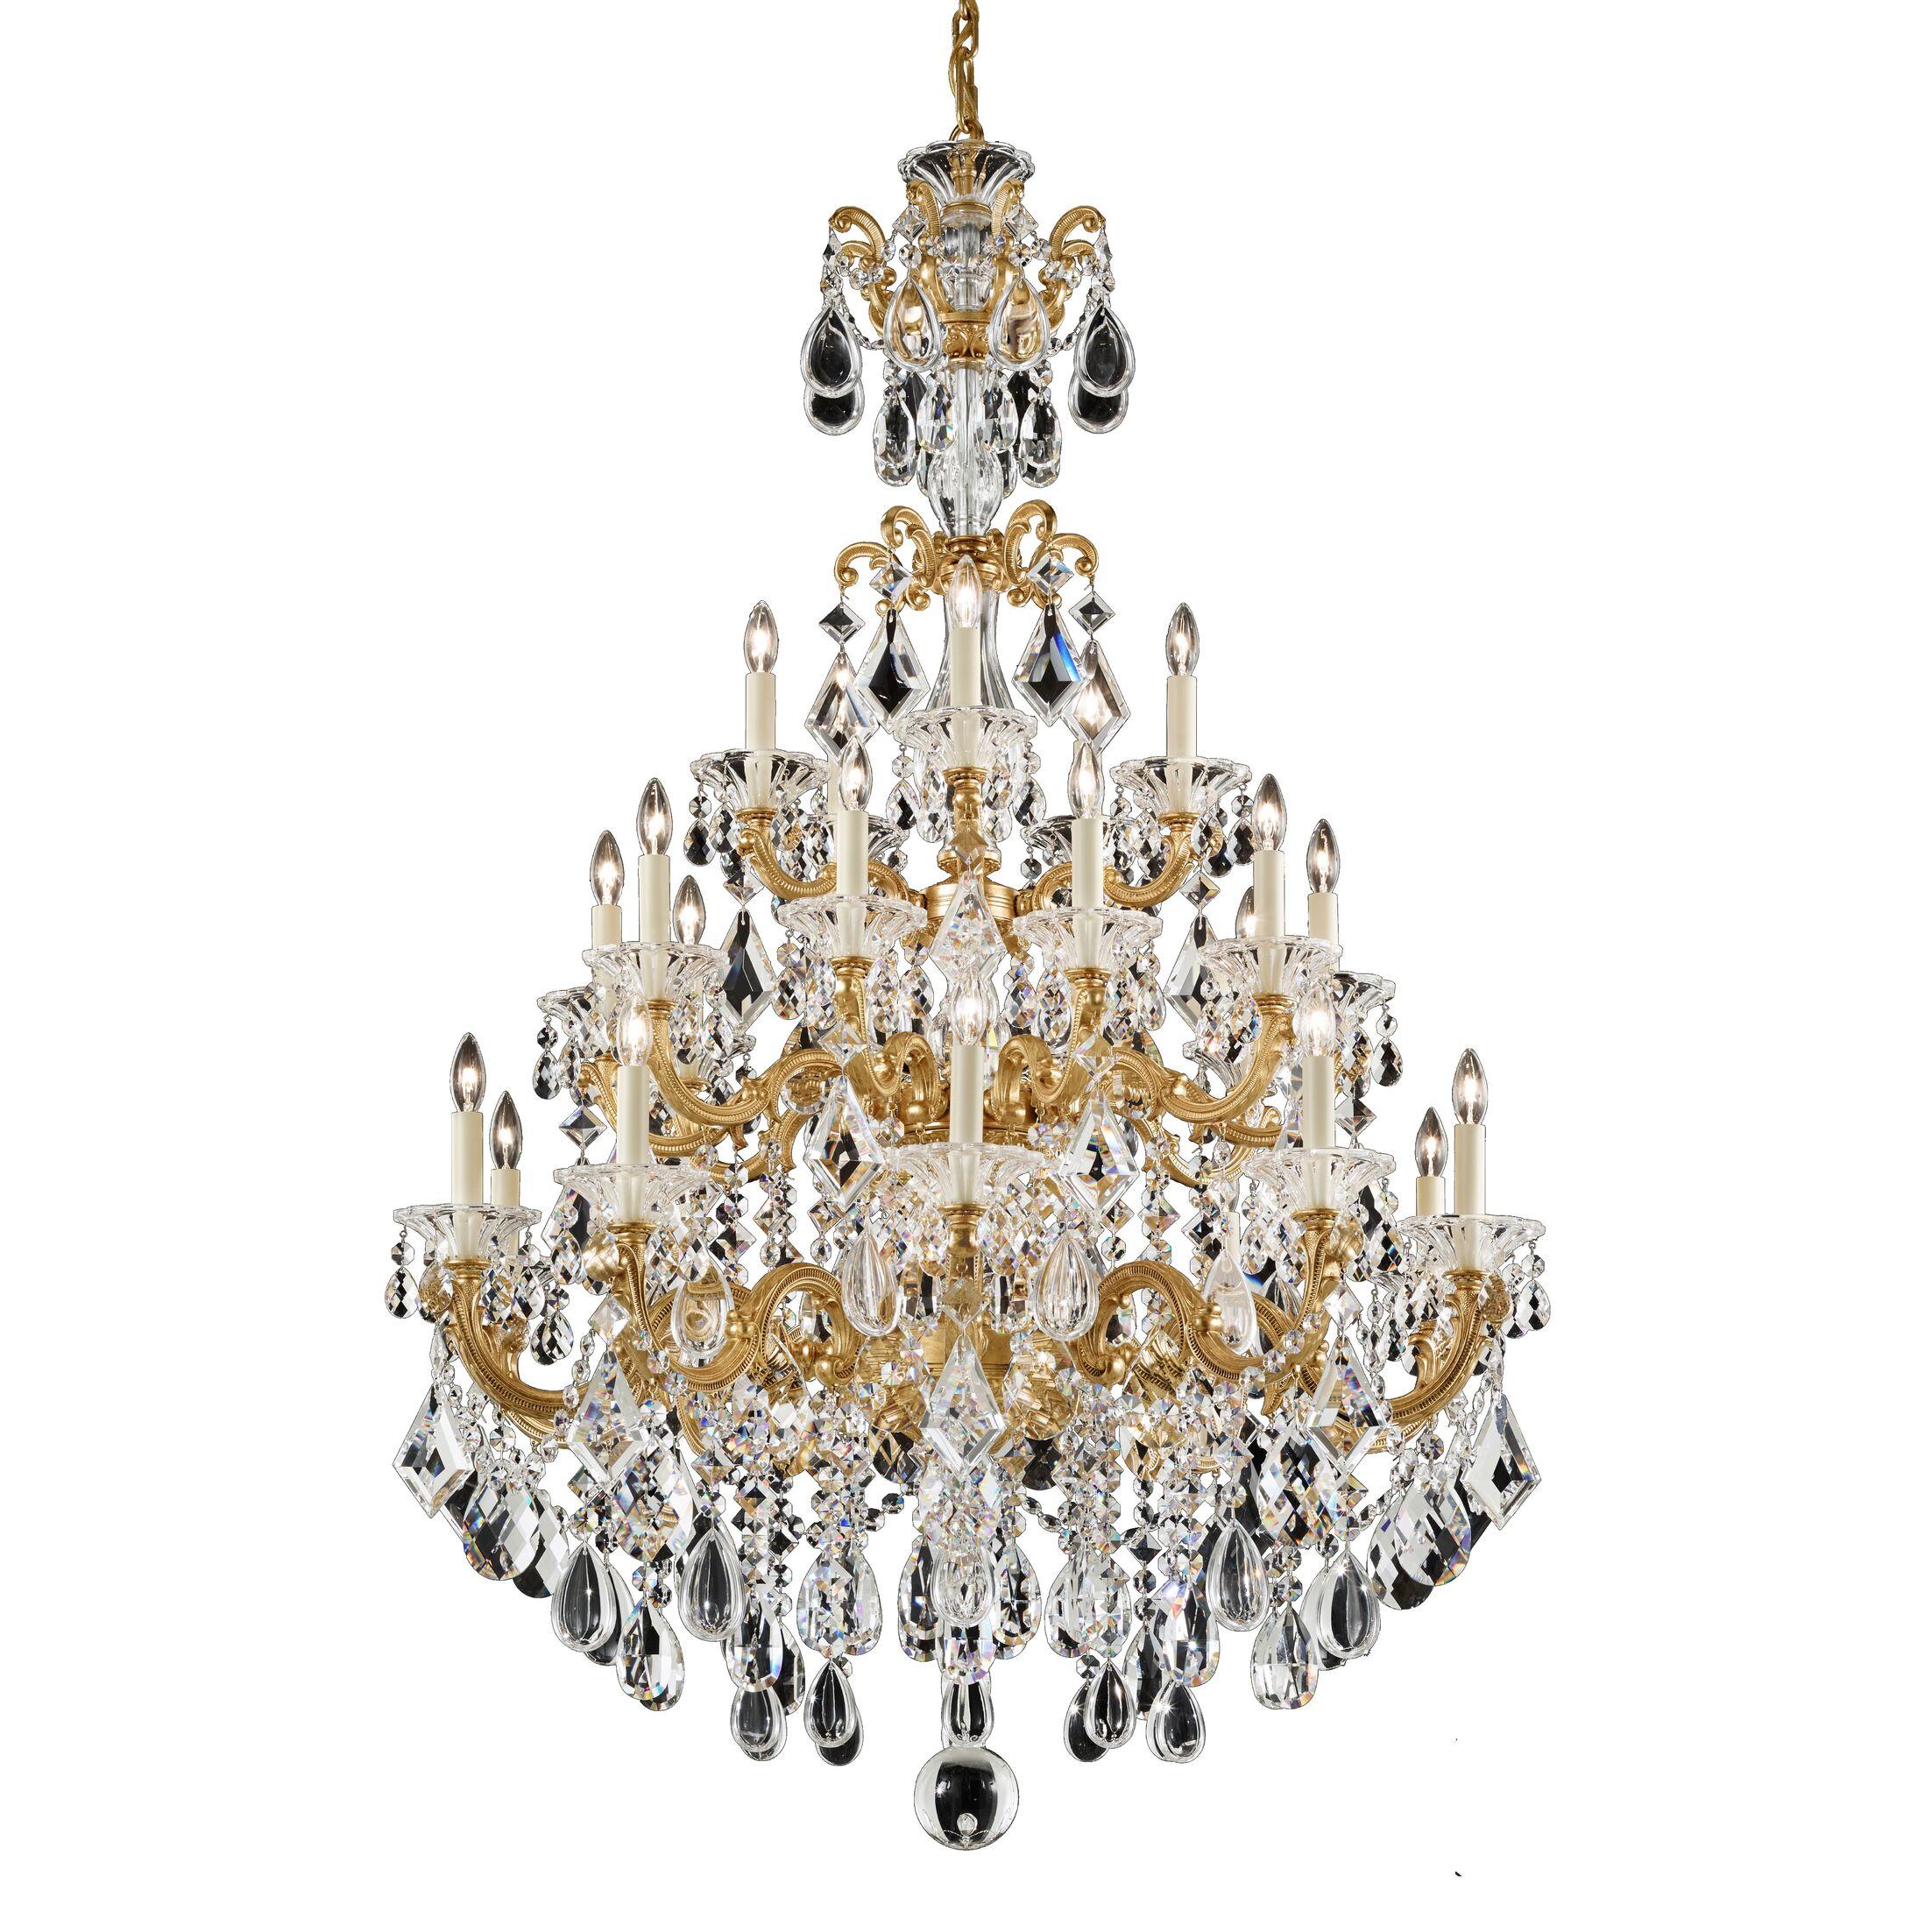 La Scala 25-Light Candle Style Chandelier Base Finish: Midnight Gild